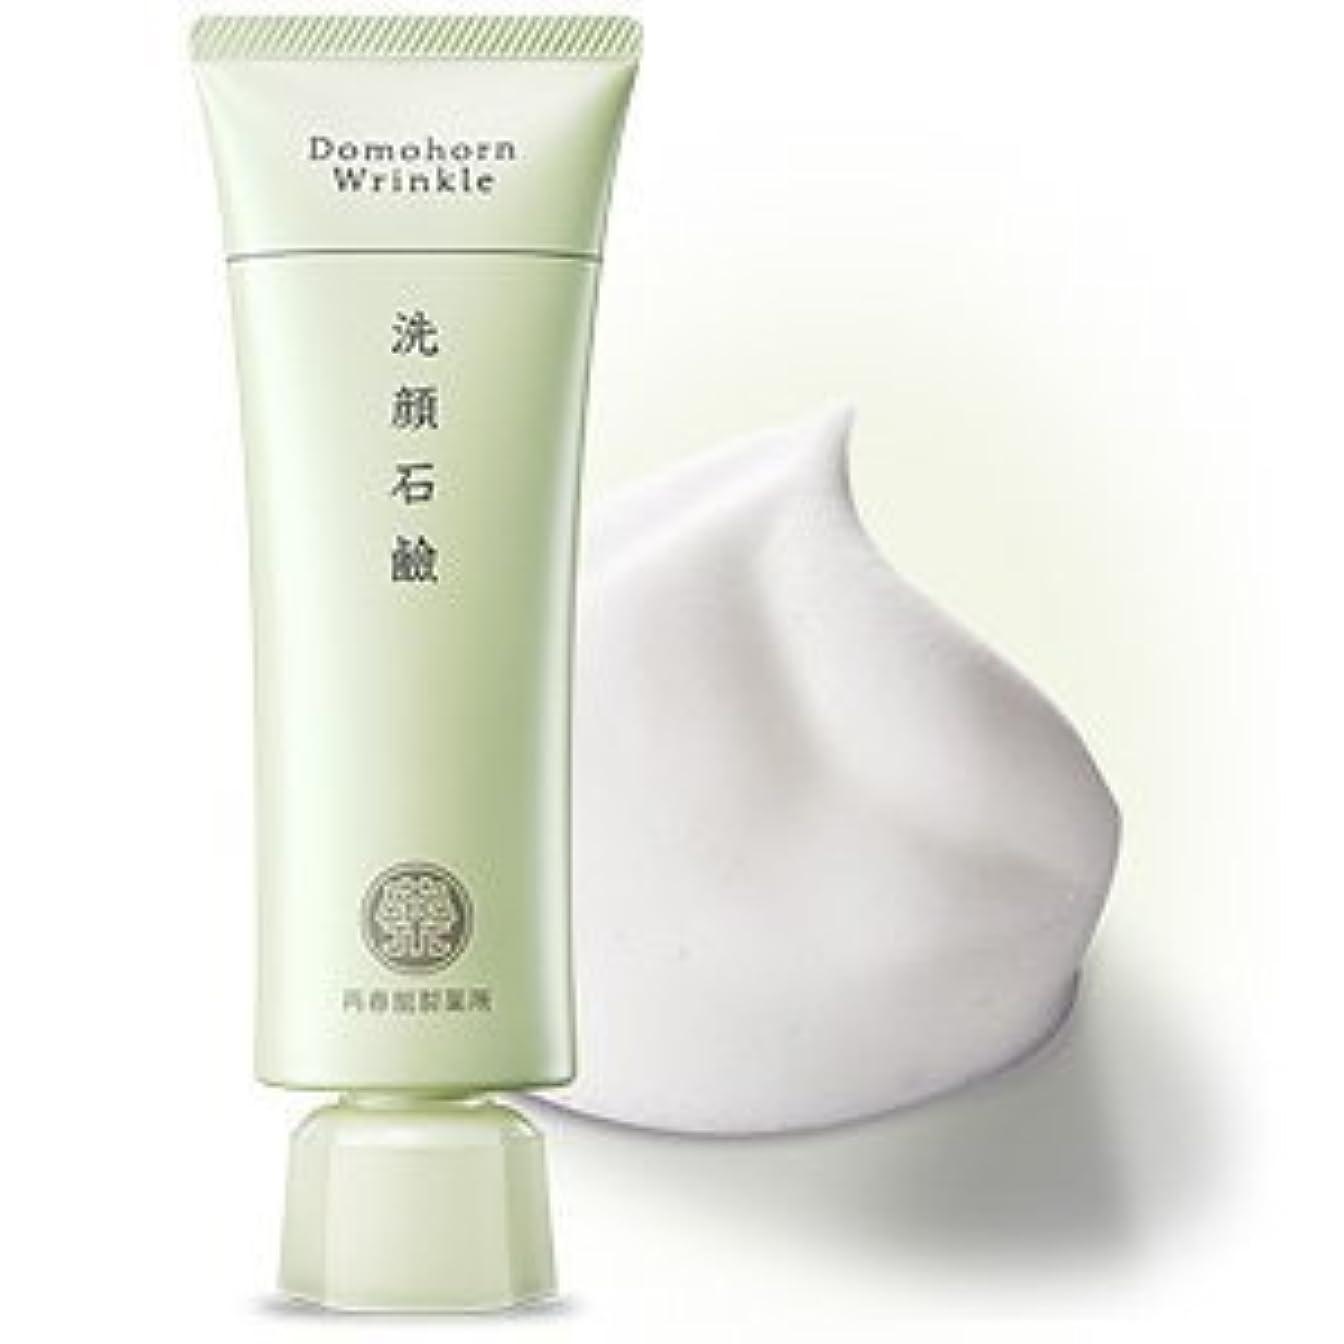 割合中性ゴールド【濃密泡で毛穴対策にも】ドモホルンリンクル 洗顔石鹸 約60日分